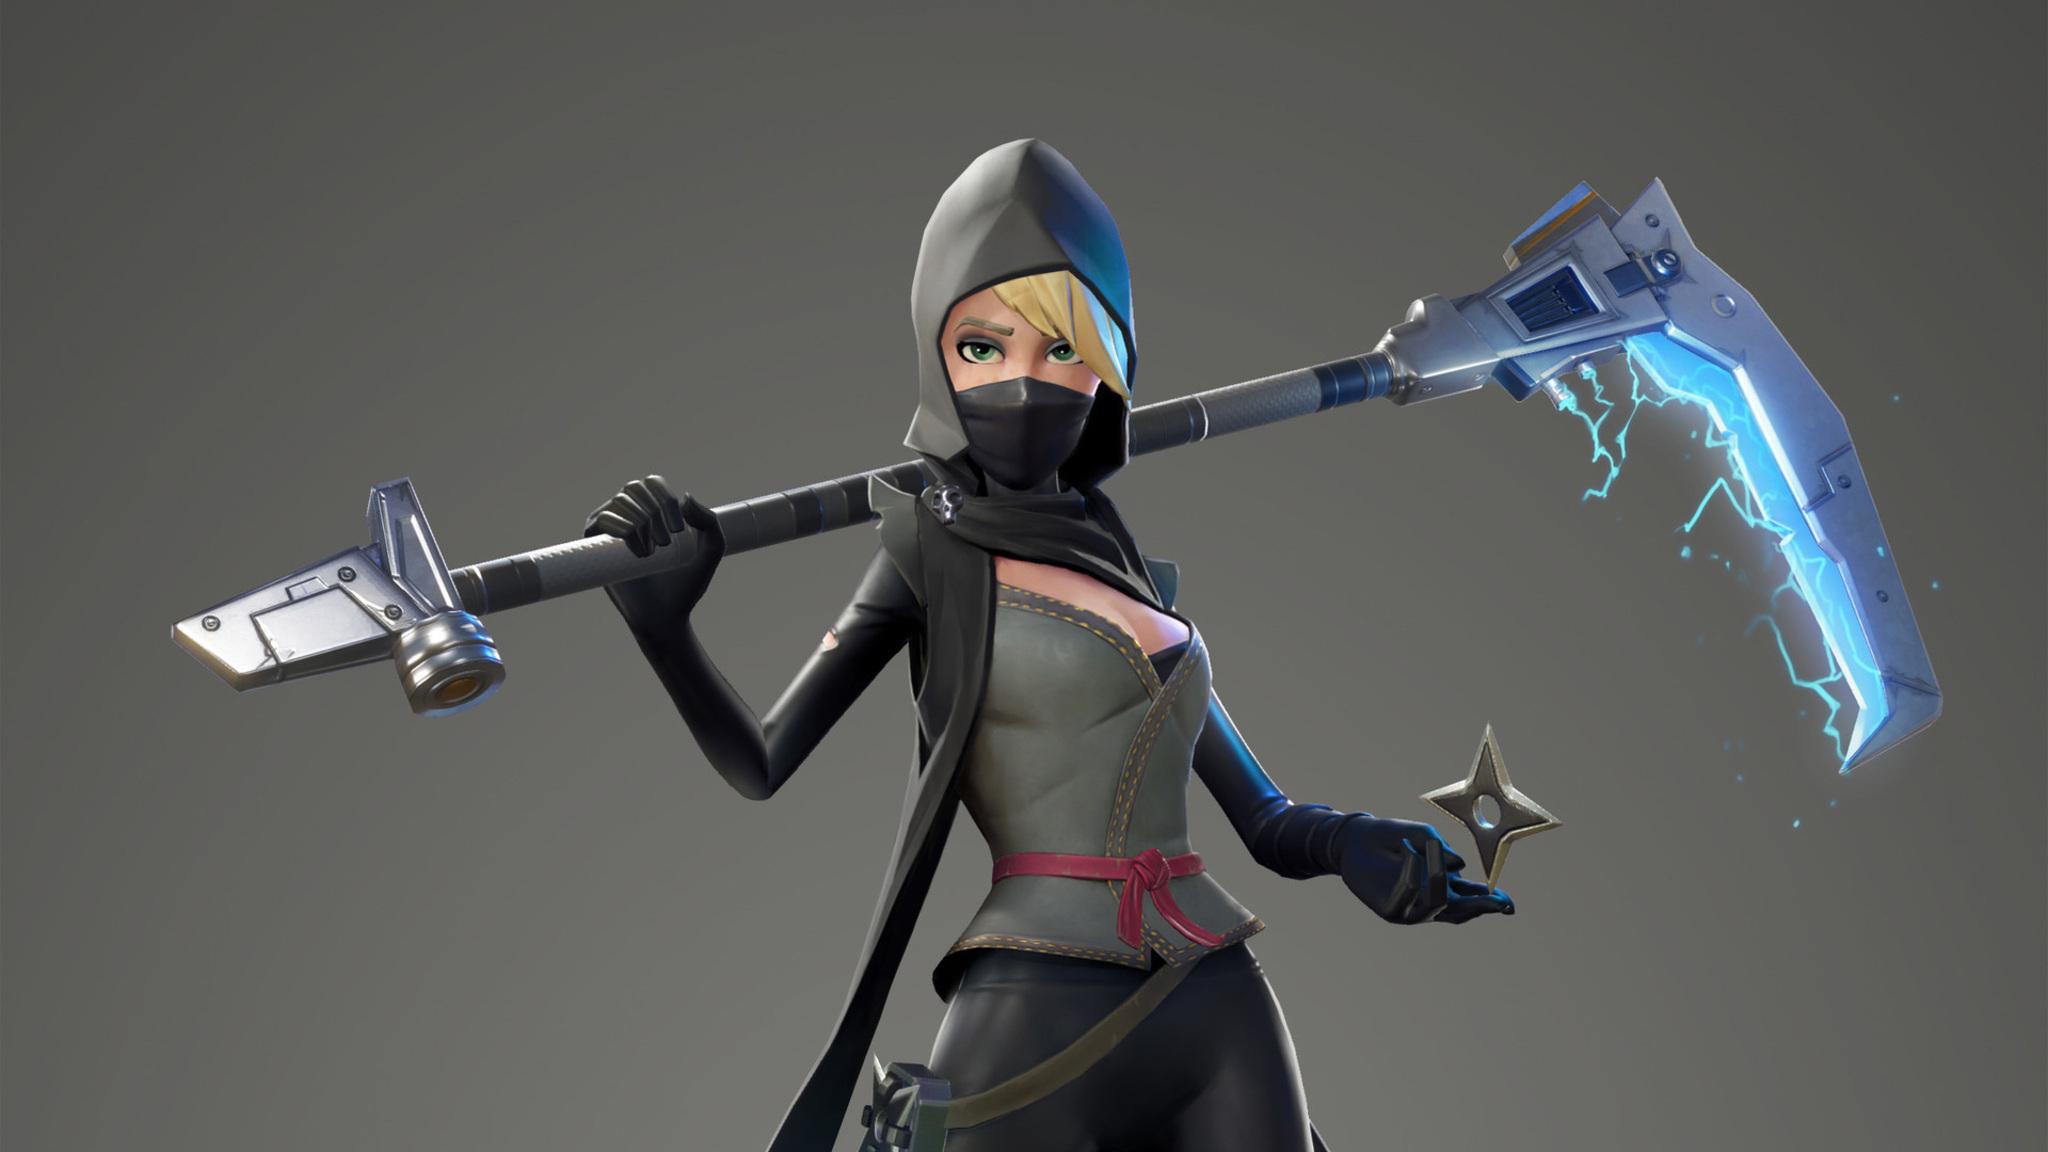 2048x1152 Fortnite Female Ninja 2048x1152 Resolution Hd 4k